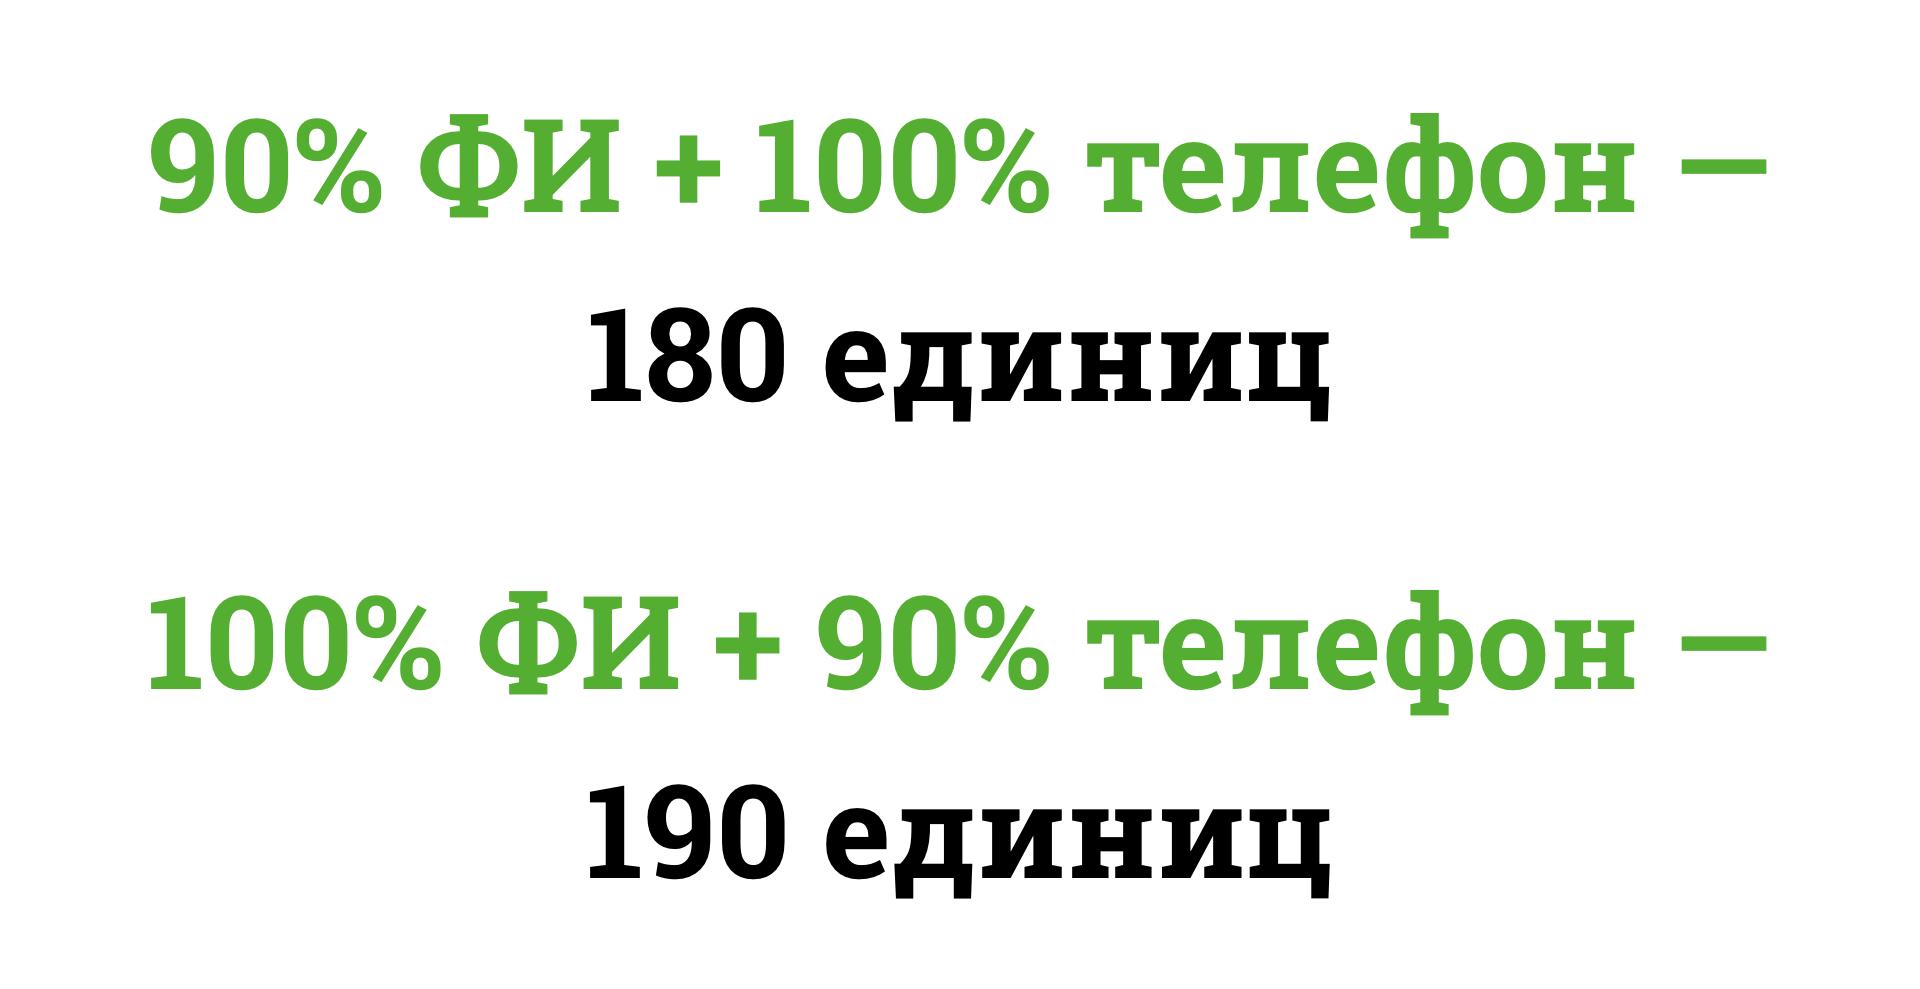 При когнитивном подходе коэффициент «похожести» зависит от контекста различий